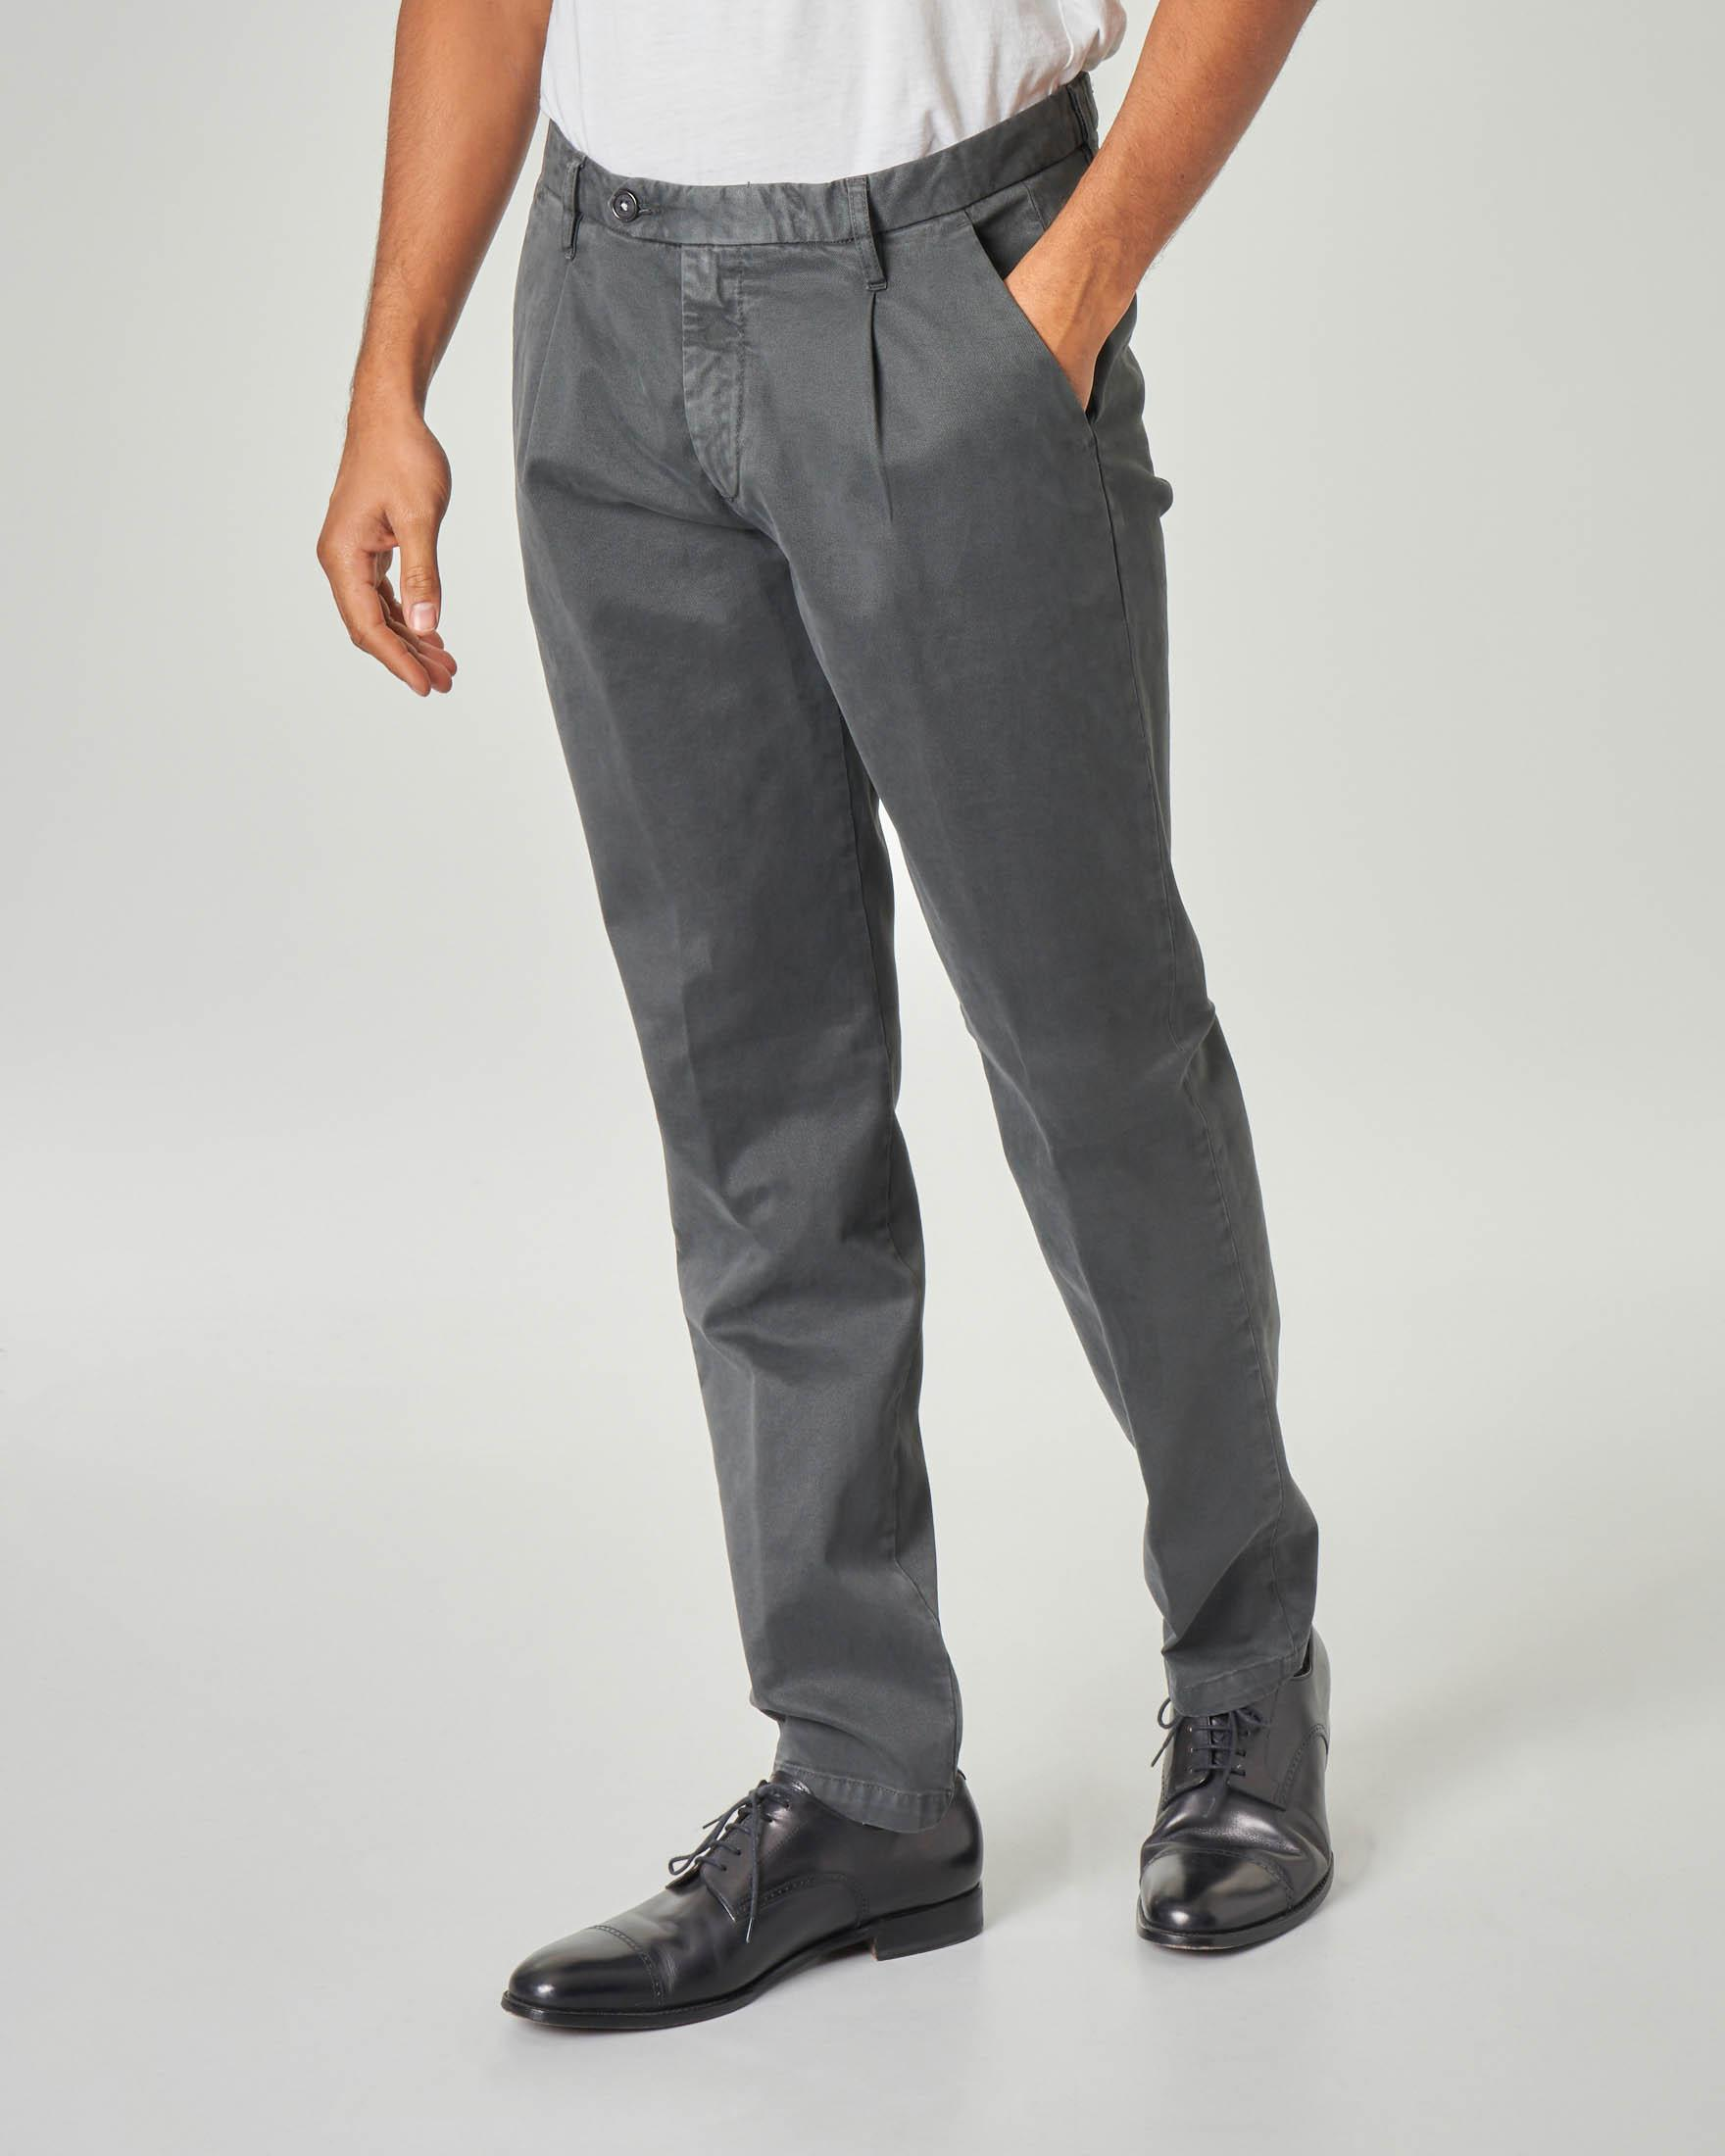 Pantalone chino grigio antracite in gabardina lavata con una pinces